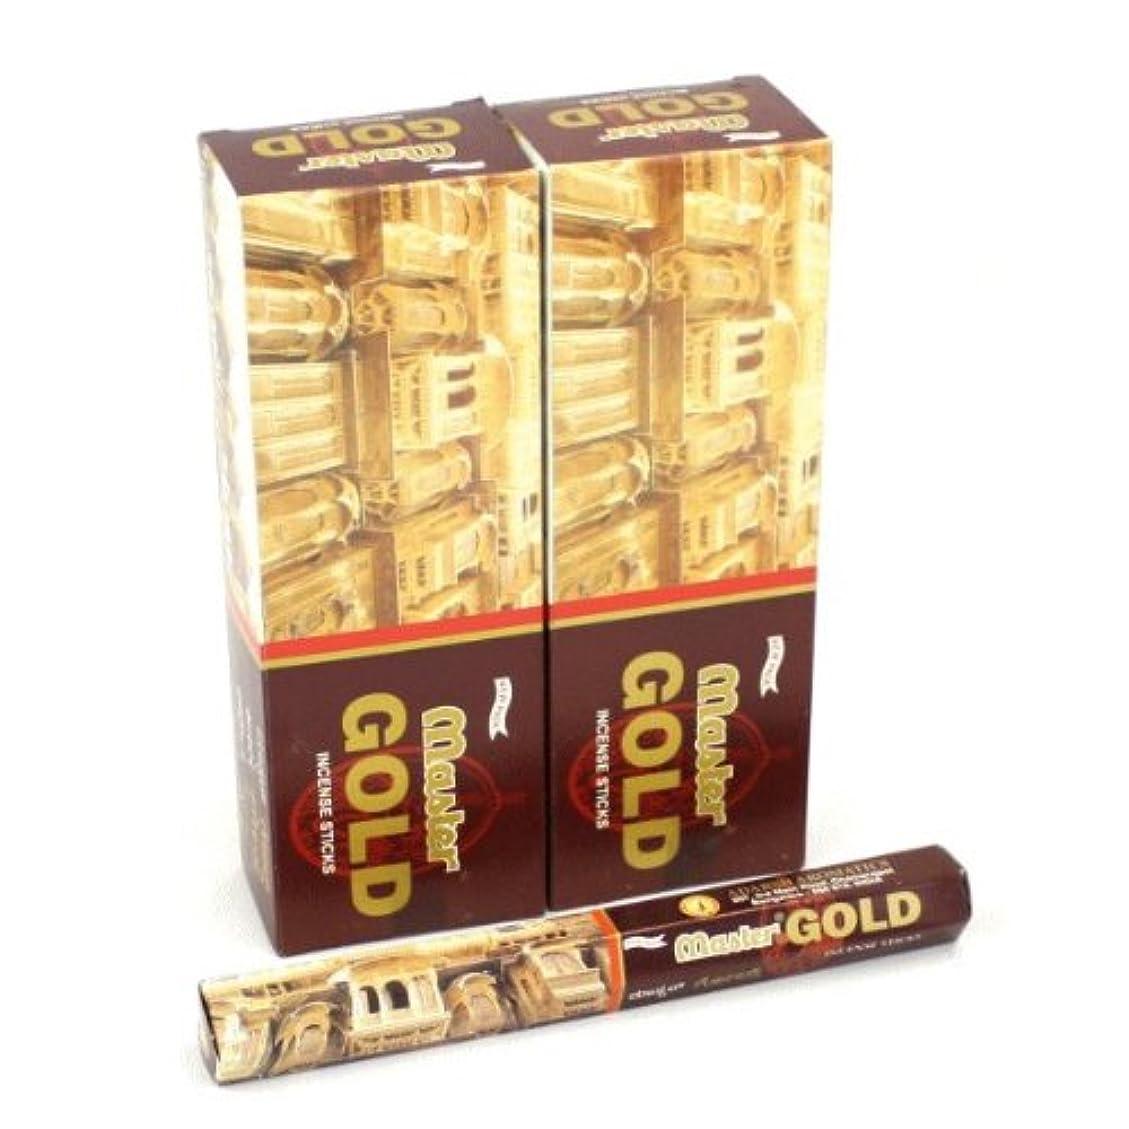 指直接依存するADARSH マスターゴールド香 スティック ヘキサパック(六角) 12箱セット MASTER GOLD